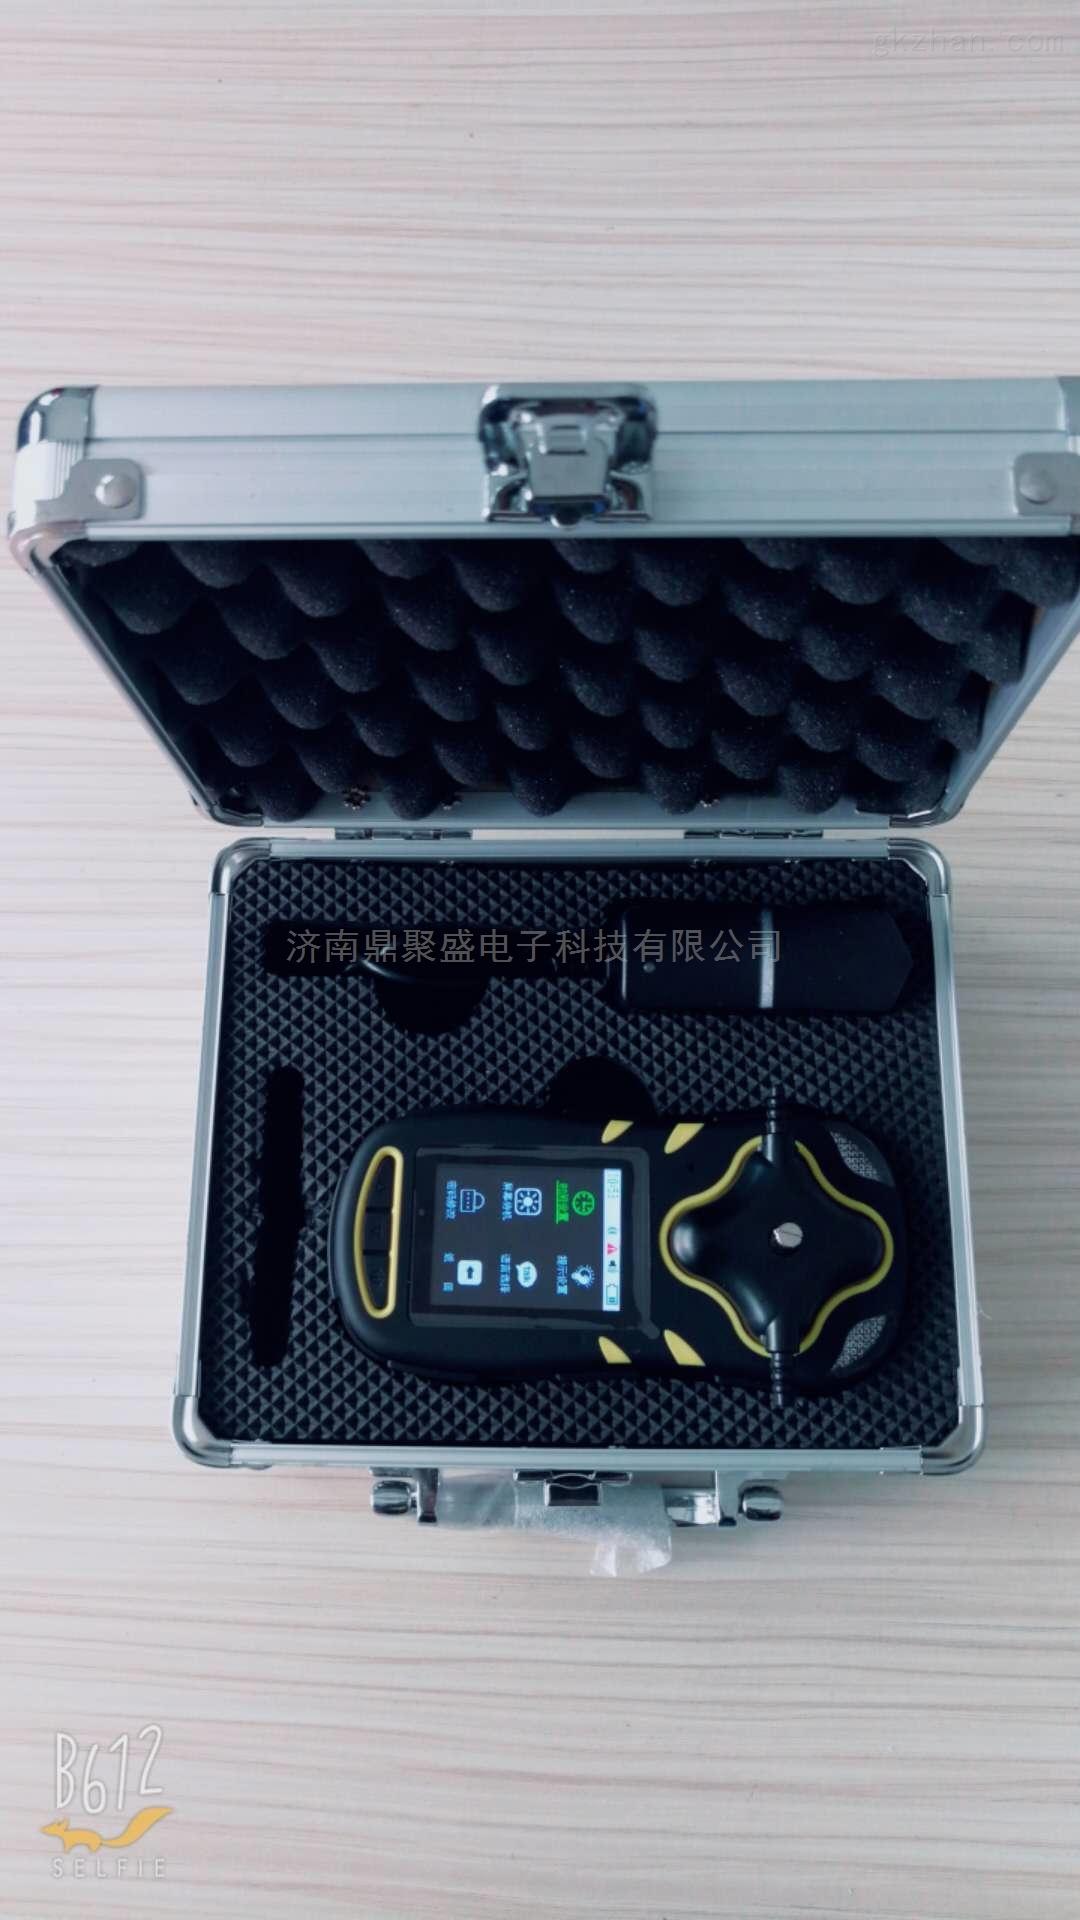 矿用CO2/CO/H2S/SO2毒性气体检测仪矿安认证